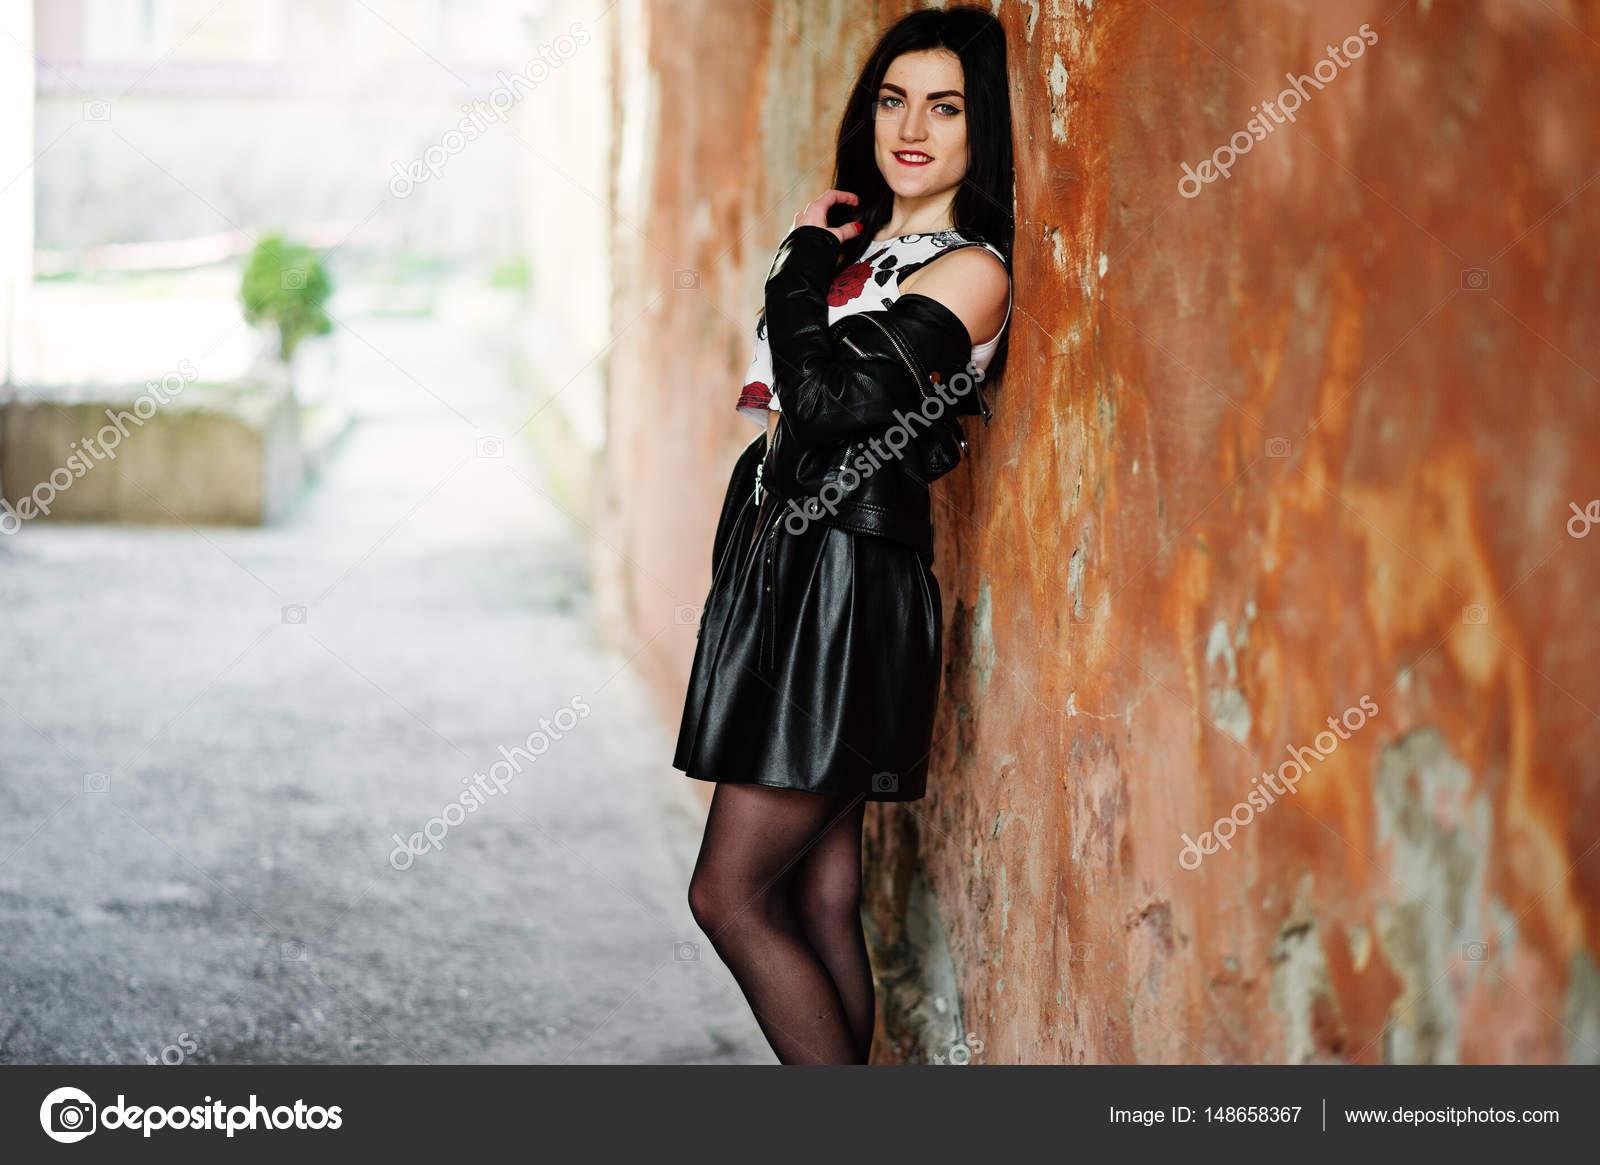 molodaya-na-ulitse-v-kolgotkah-i-yubke-foto